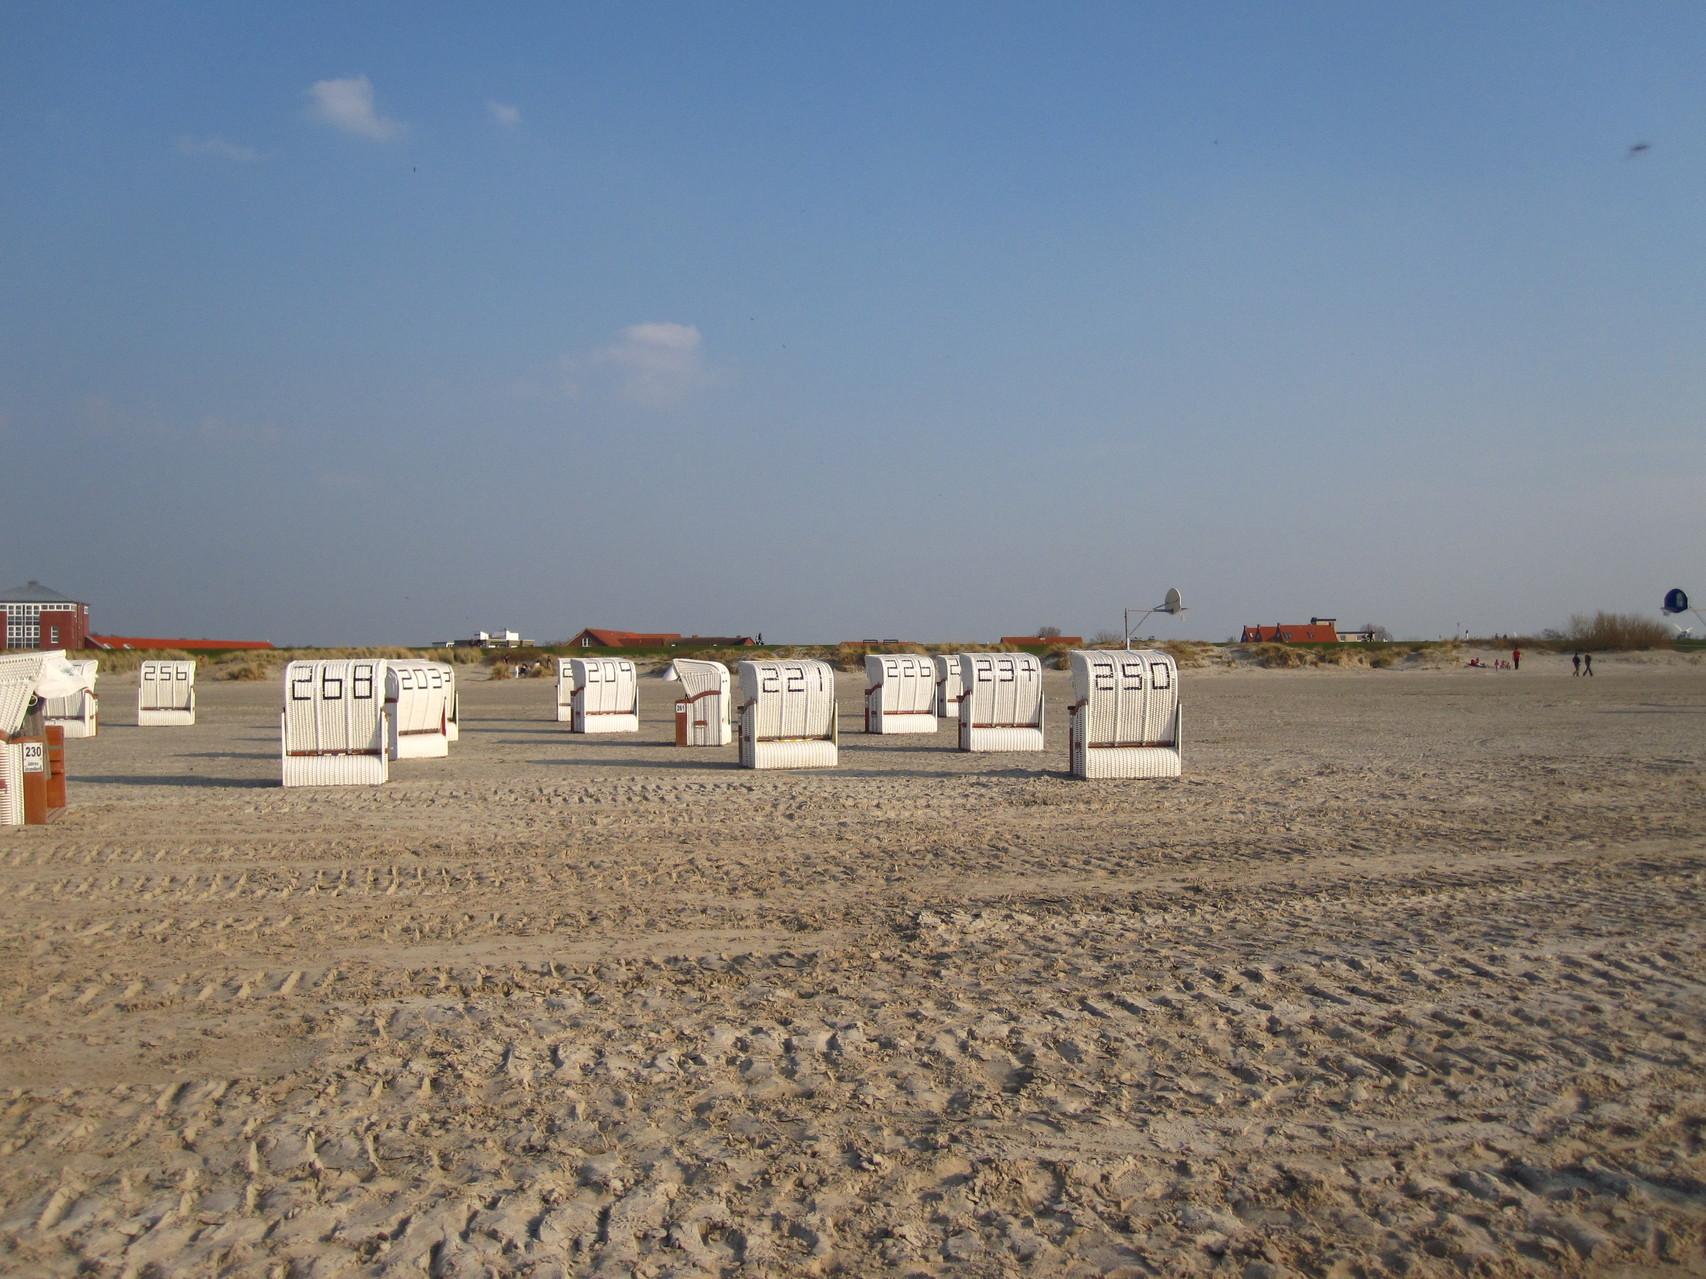 Leere Strandkörbe in Norddeich in der Vorsaison (Ende März), ca. 4 - 5 Gehminuten von der Ferienwohnung